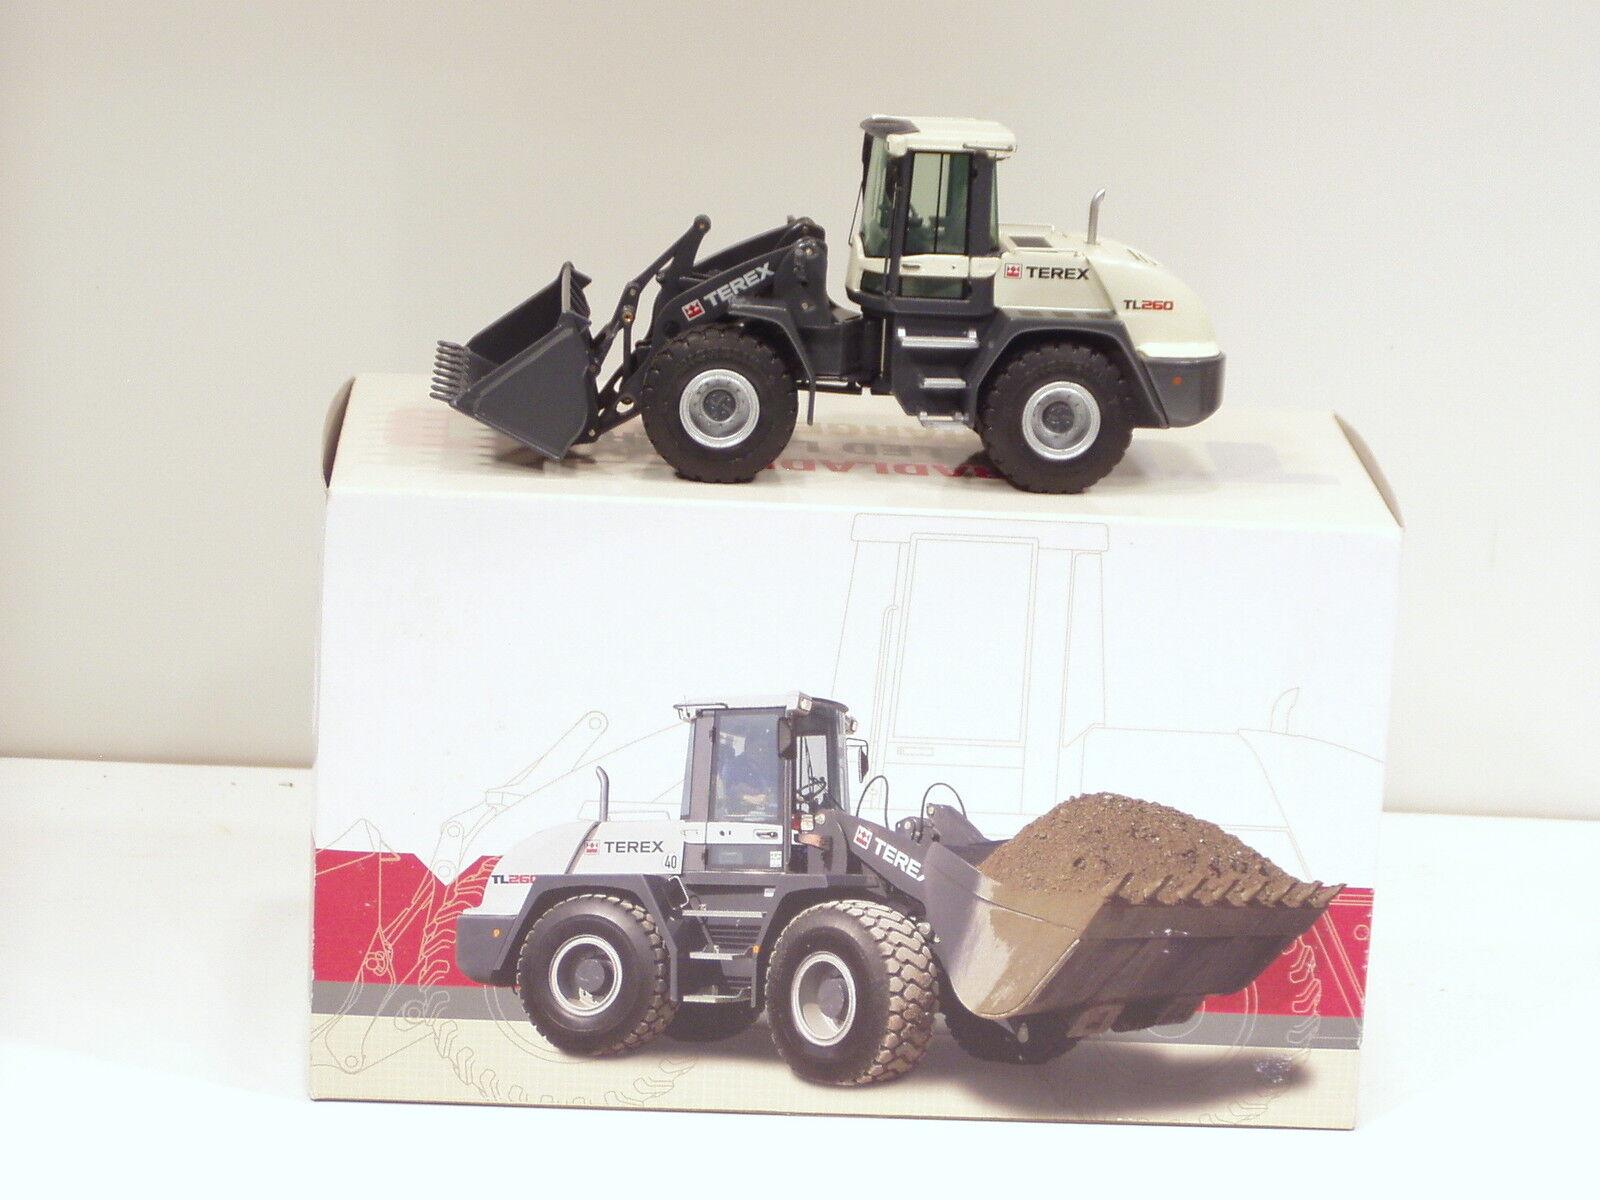 Terex TL260 Wheel Loader - 1 50 - NZG MIB